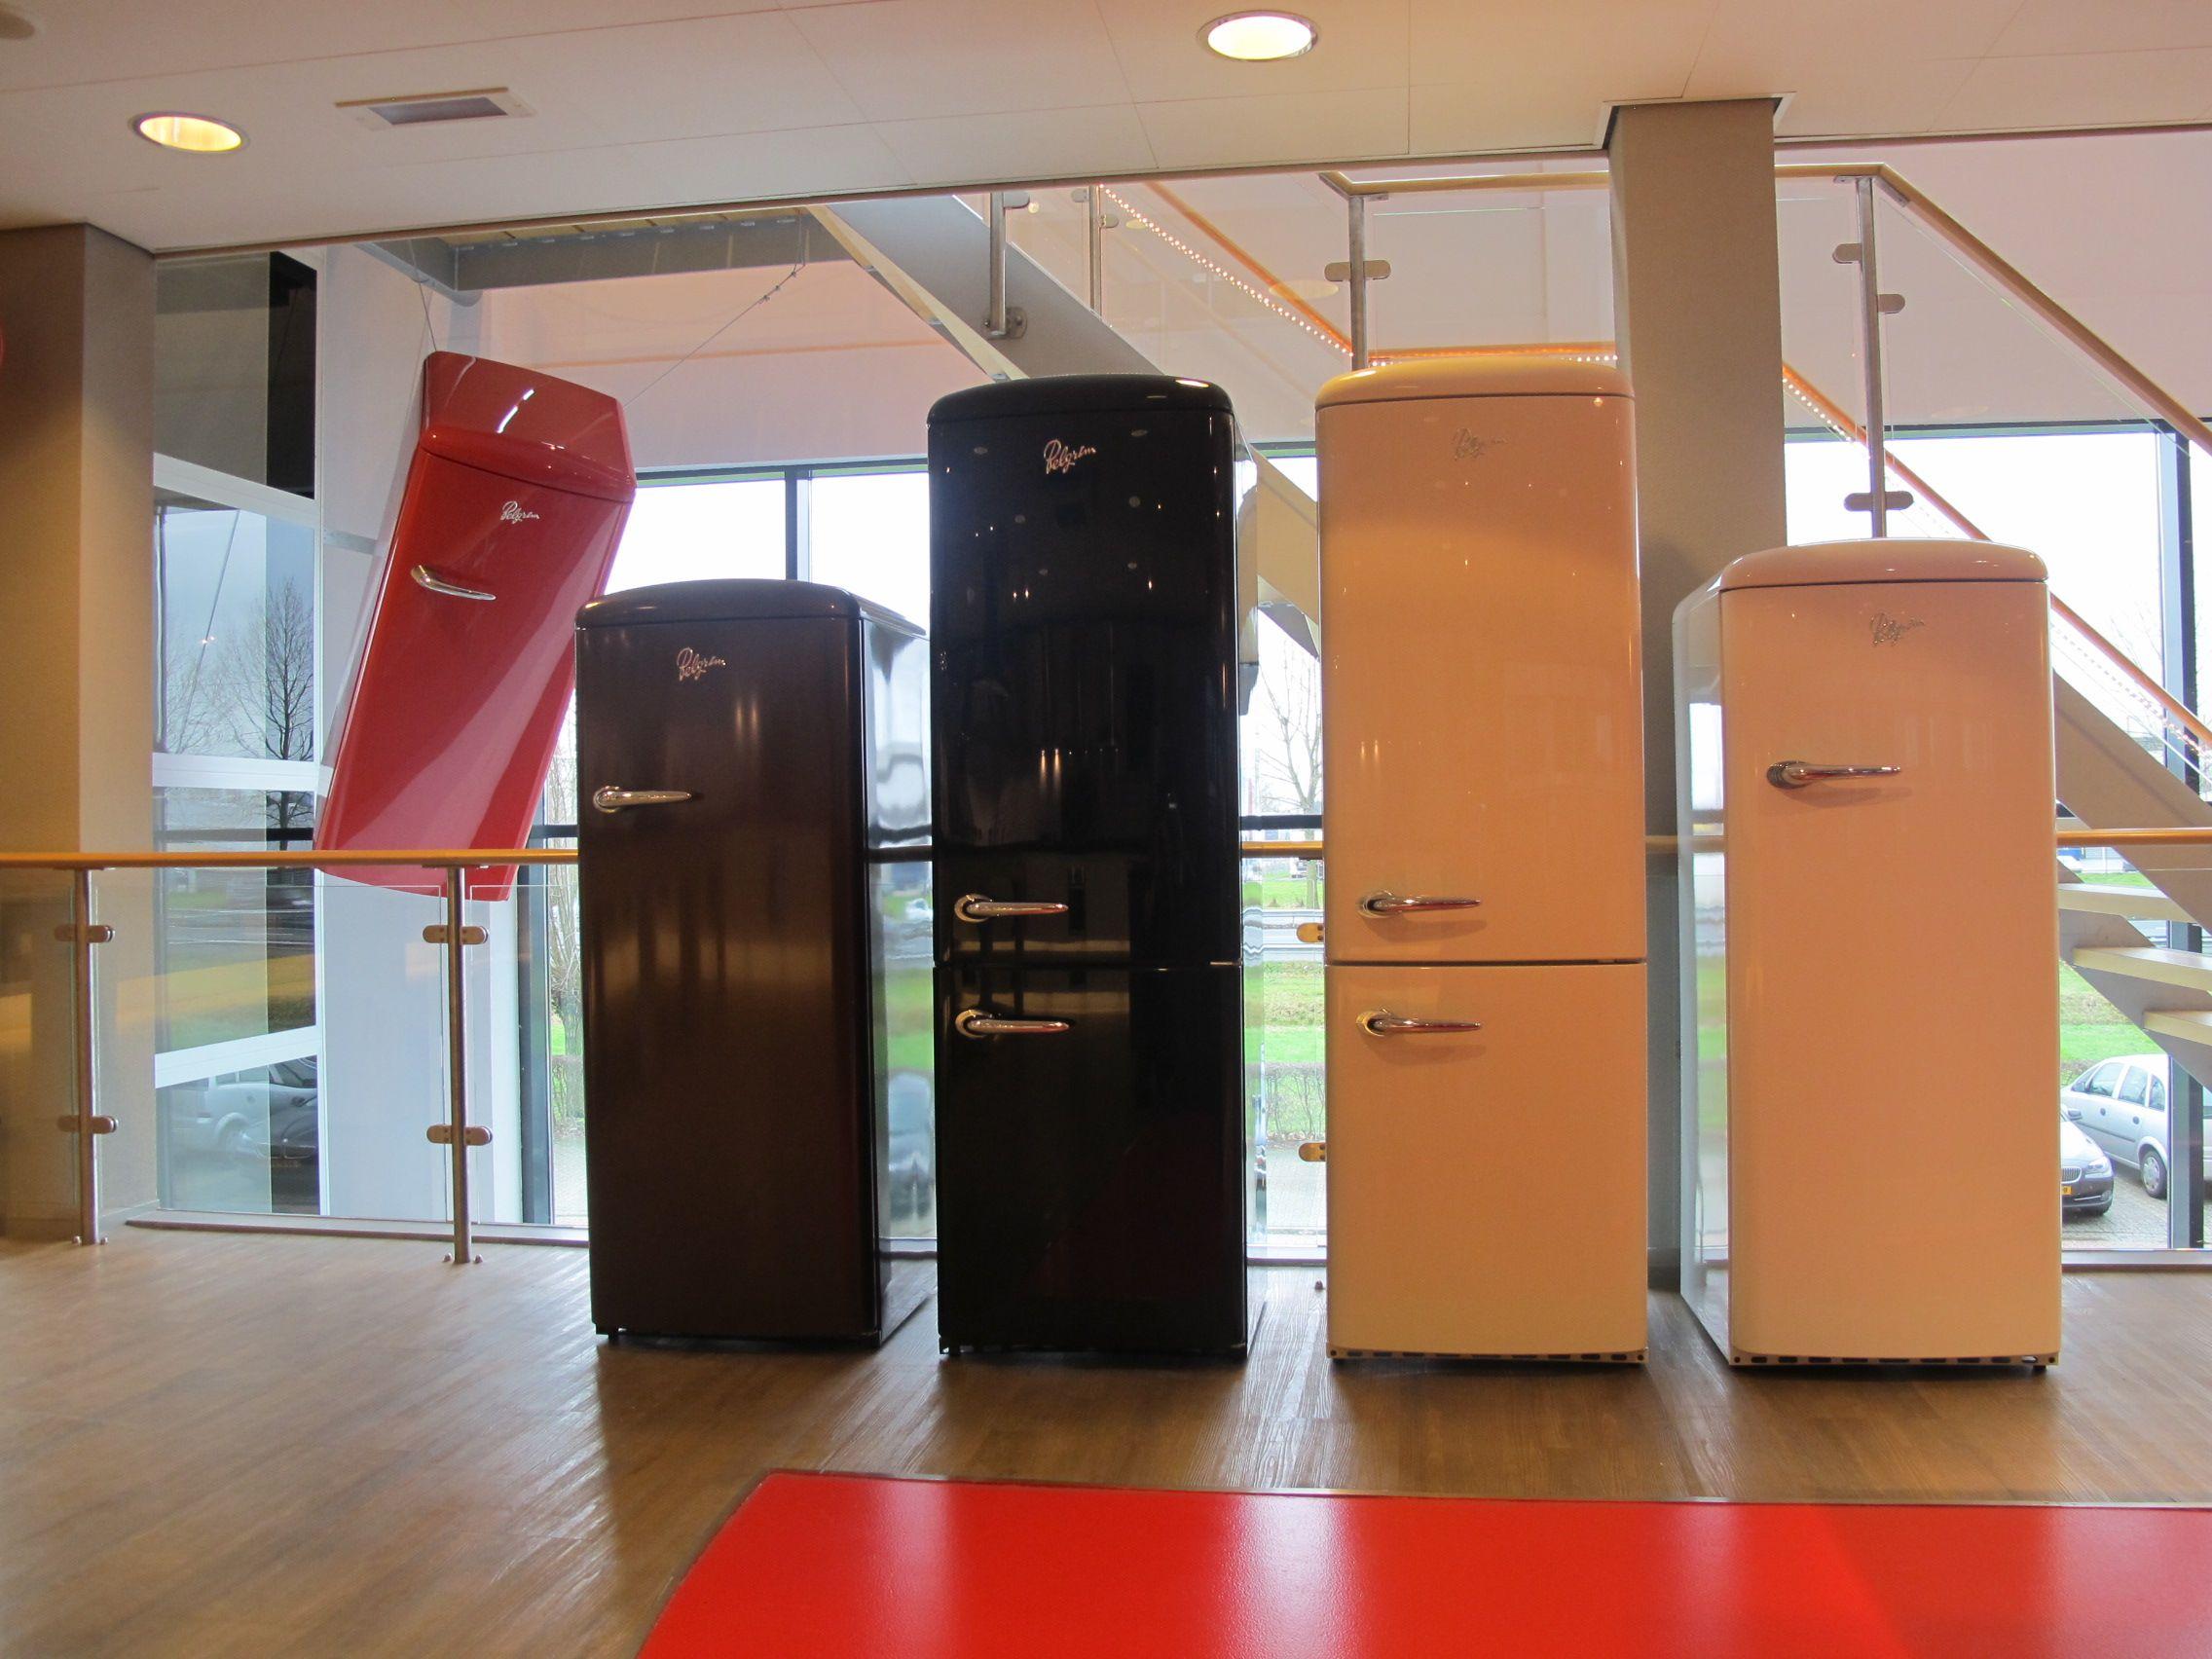 Retro koelkasten in alle kleuren!   Koelkasten   Pinterest   Retro